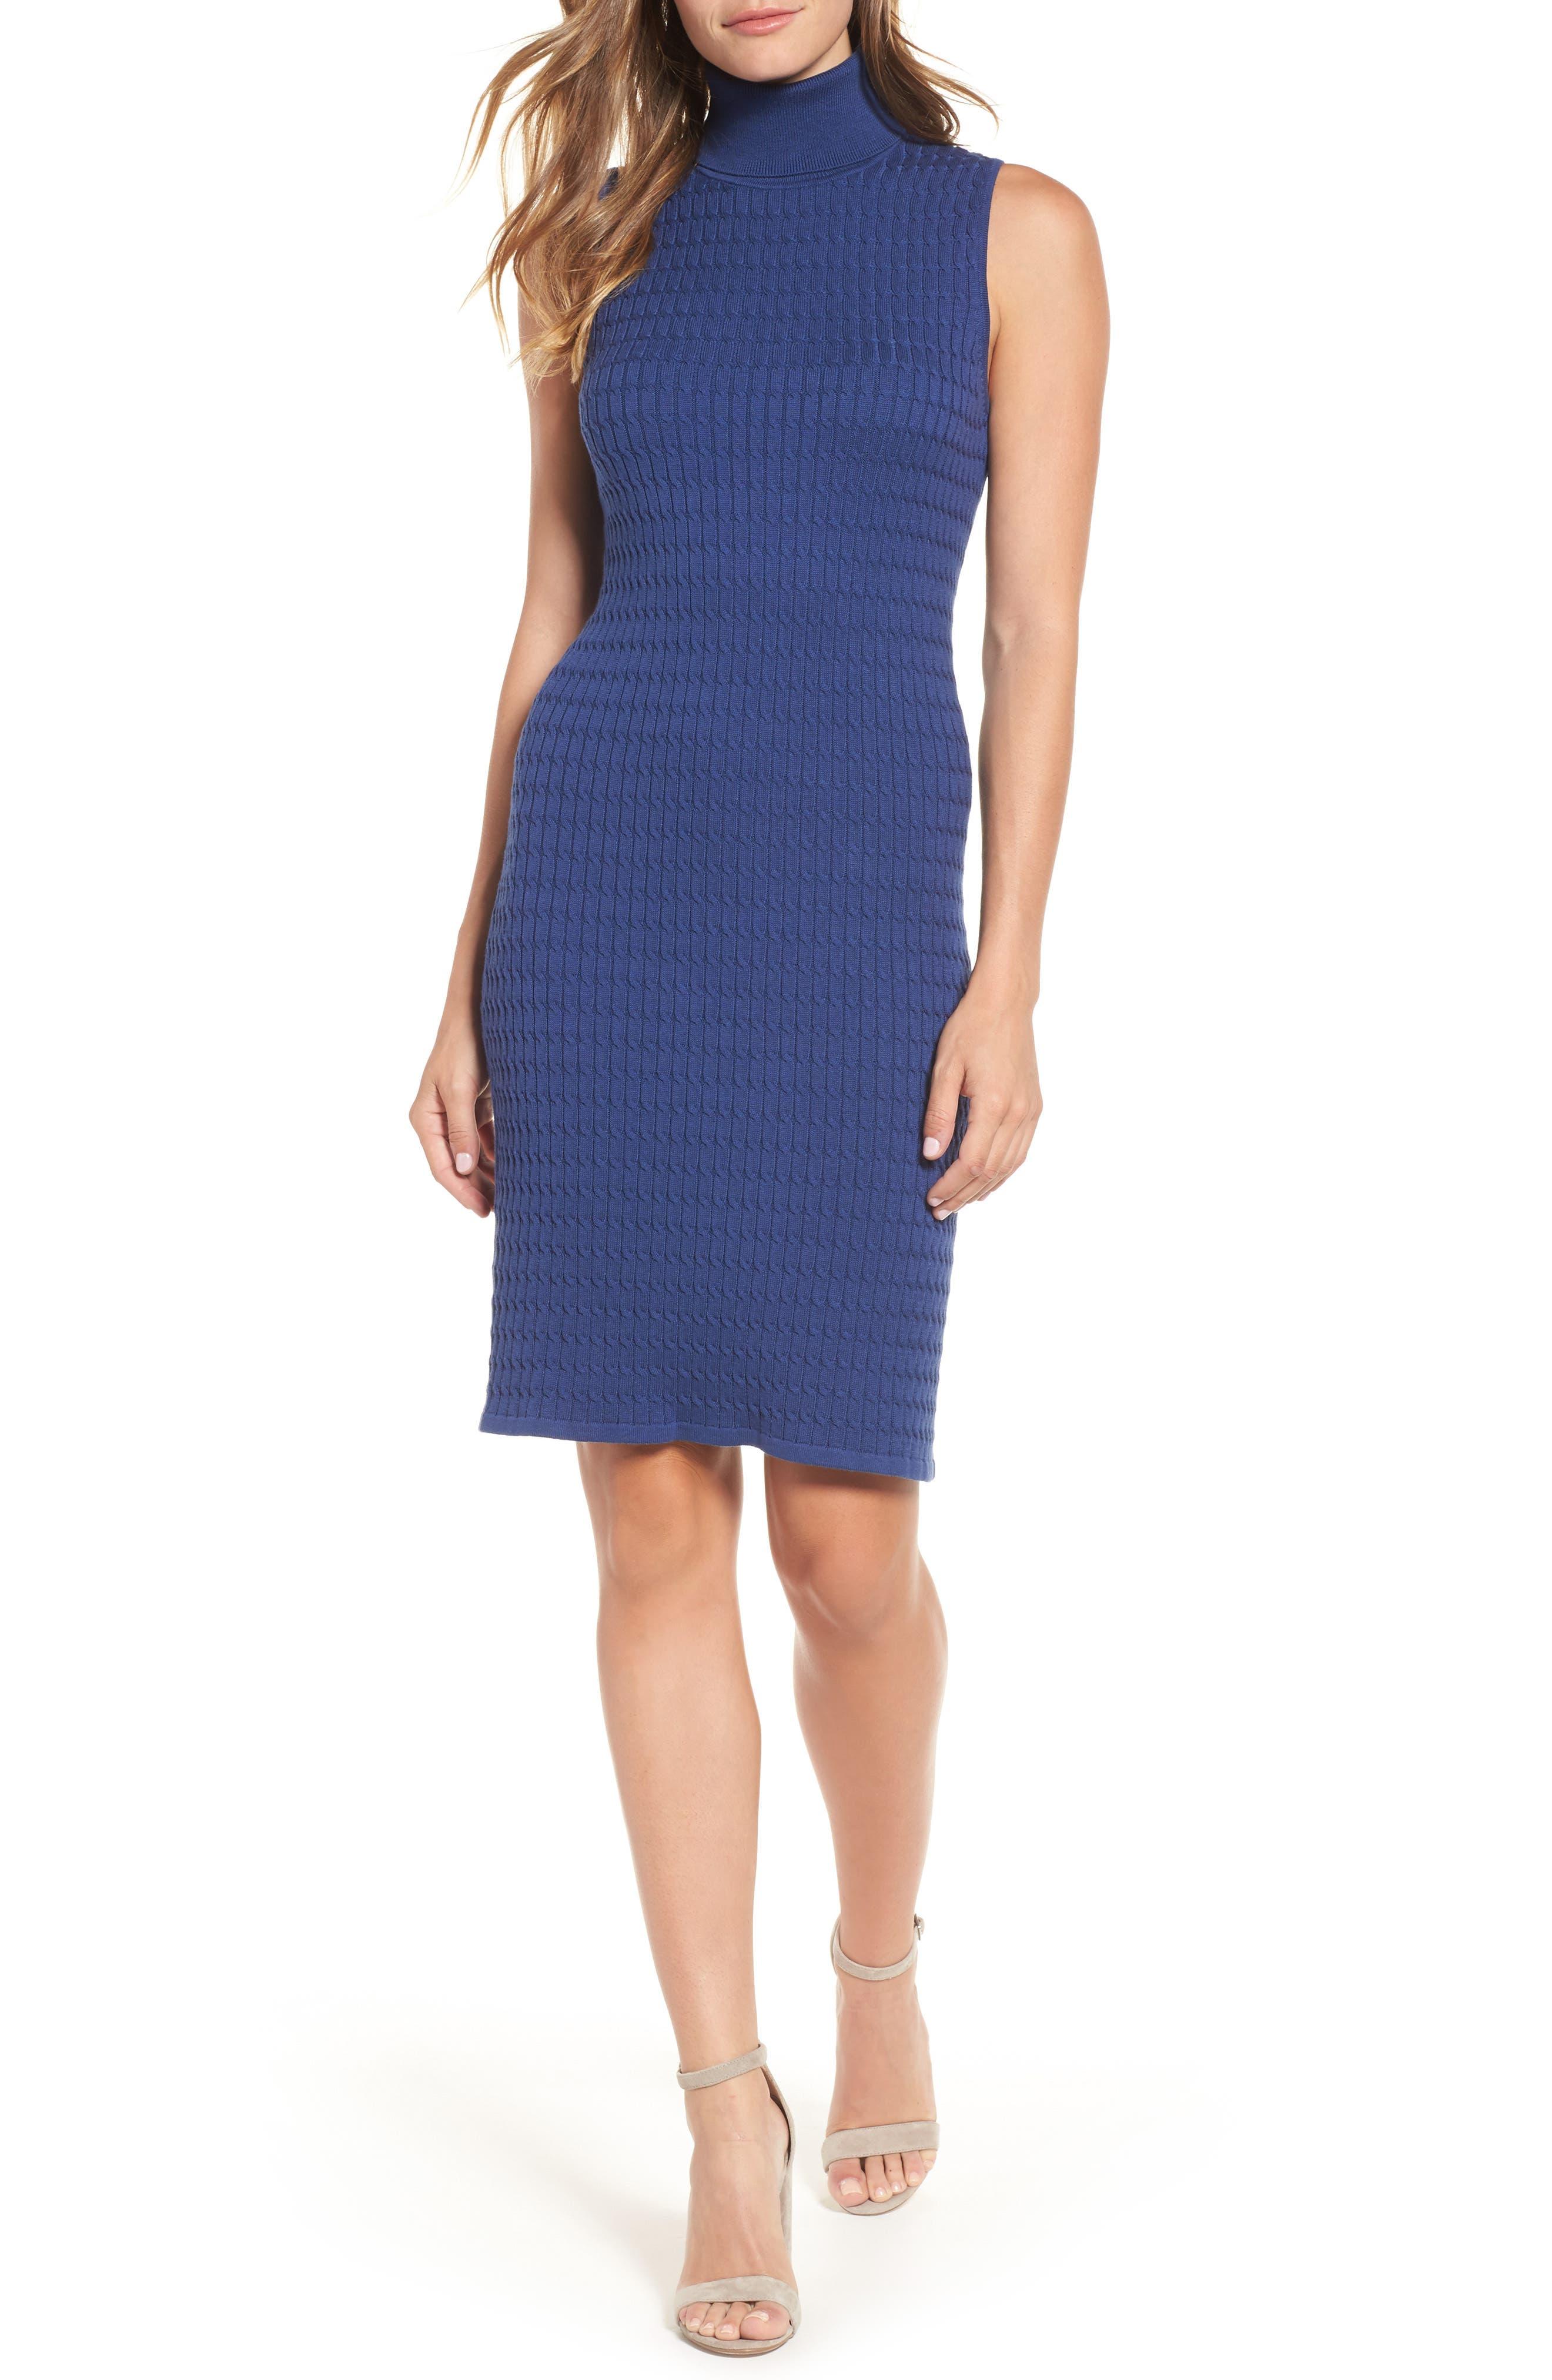 Tommy Bahama Sleeveless Turtleneck Dress